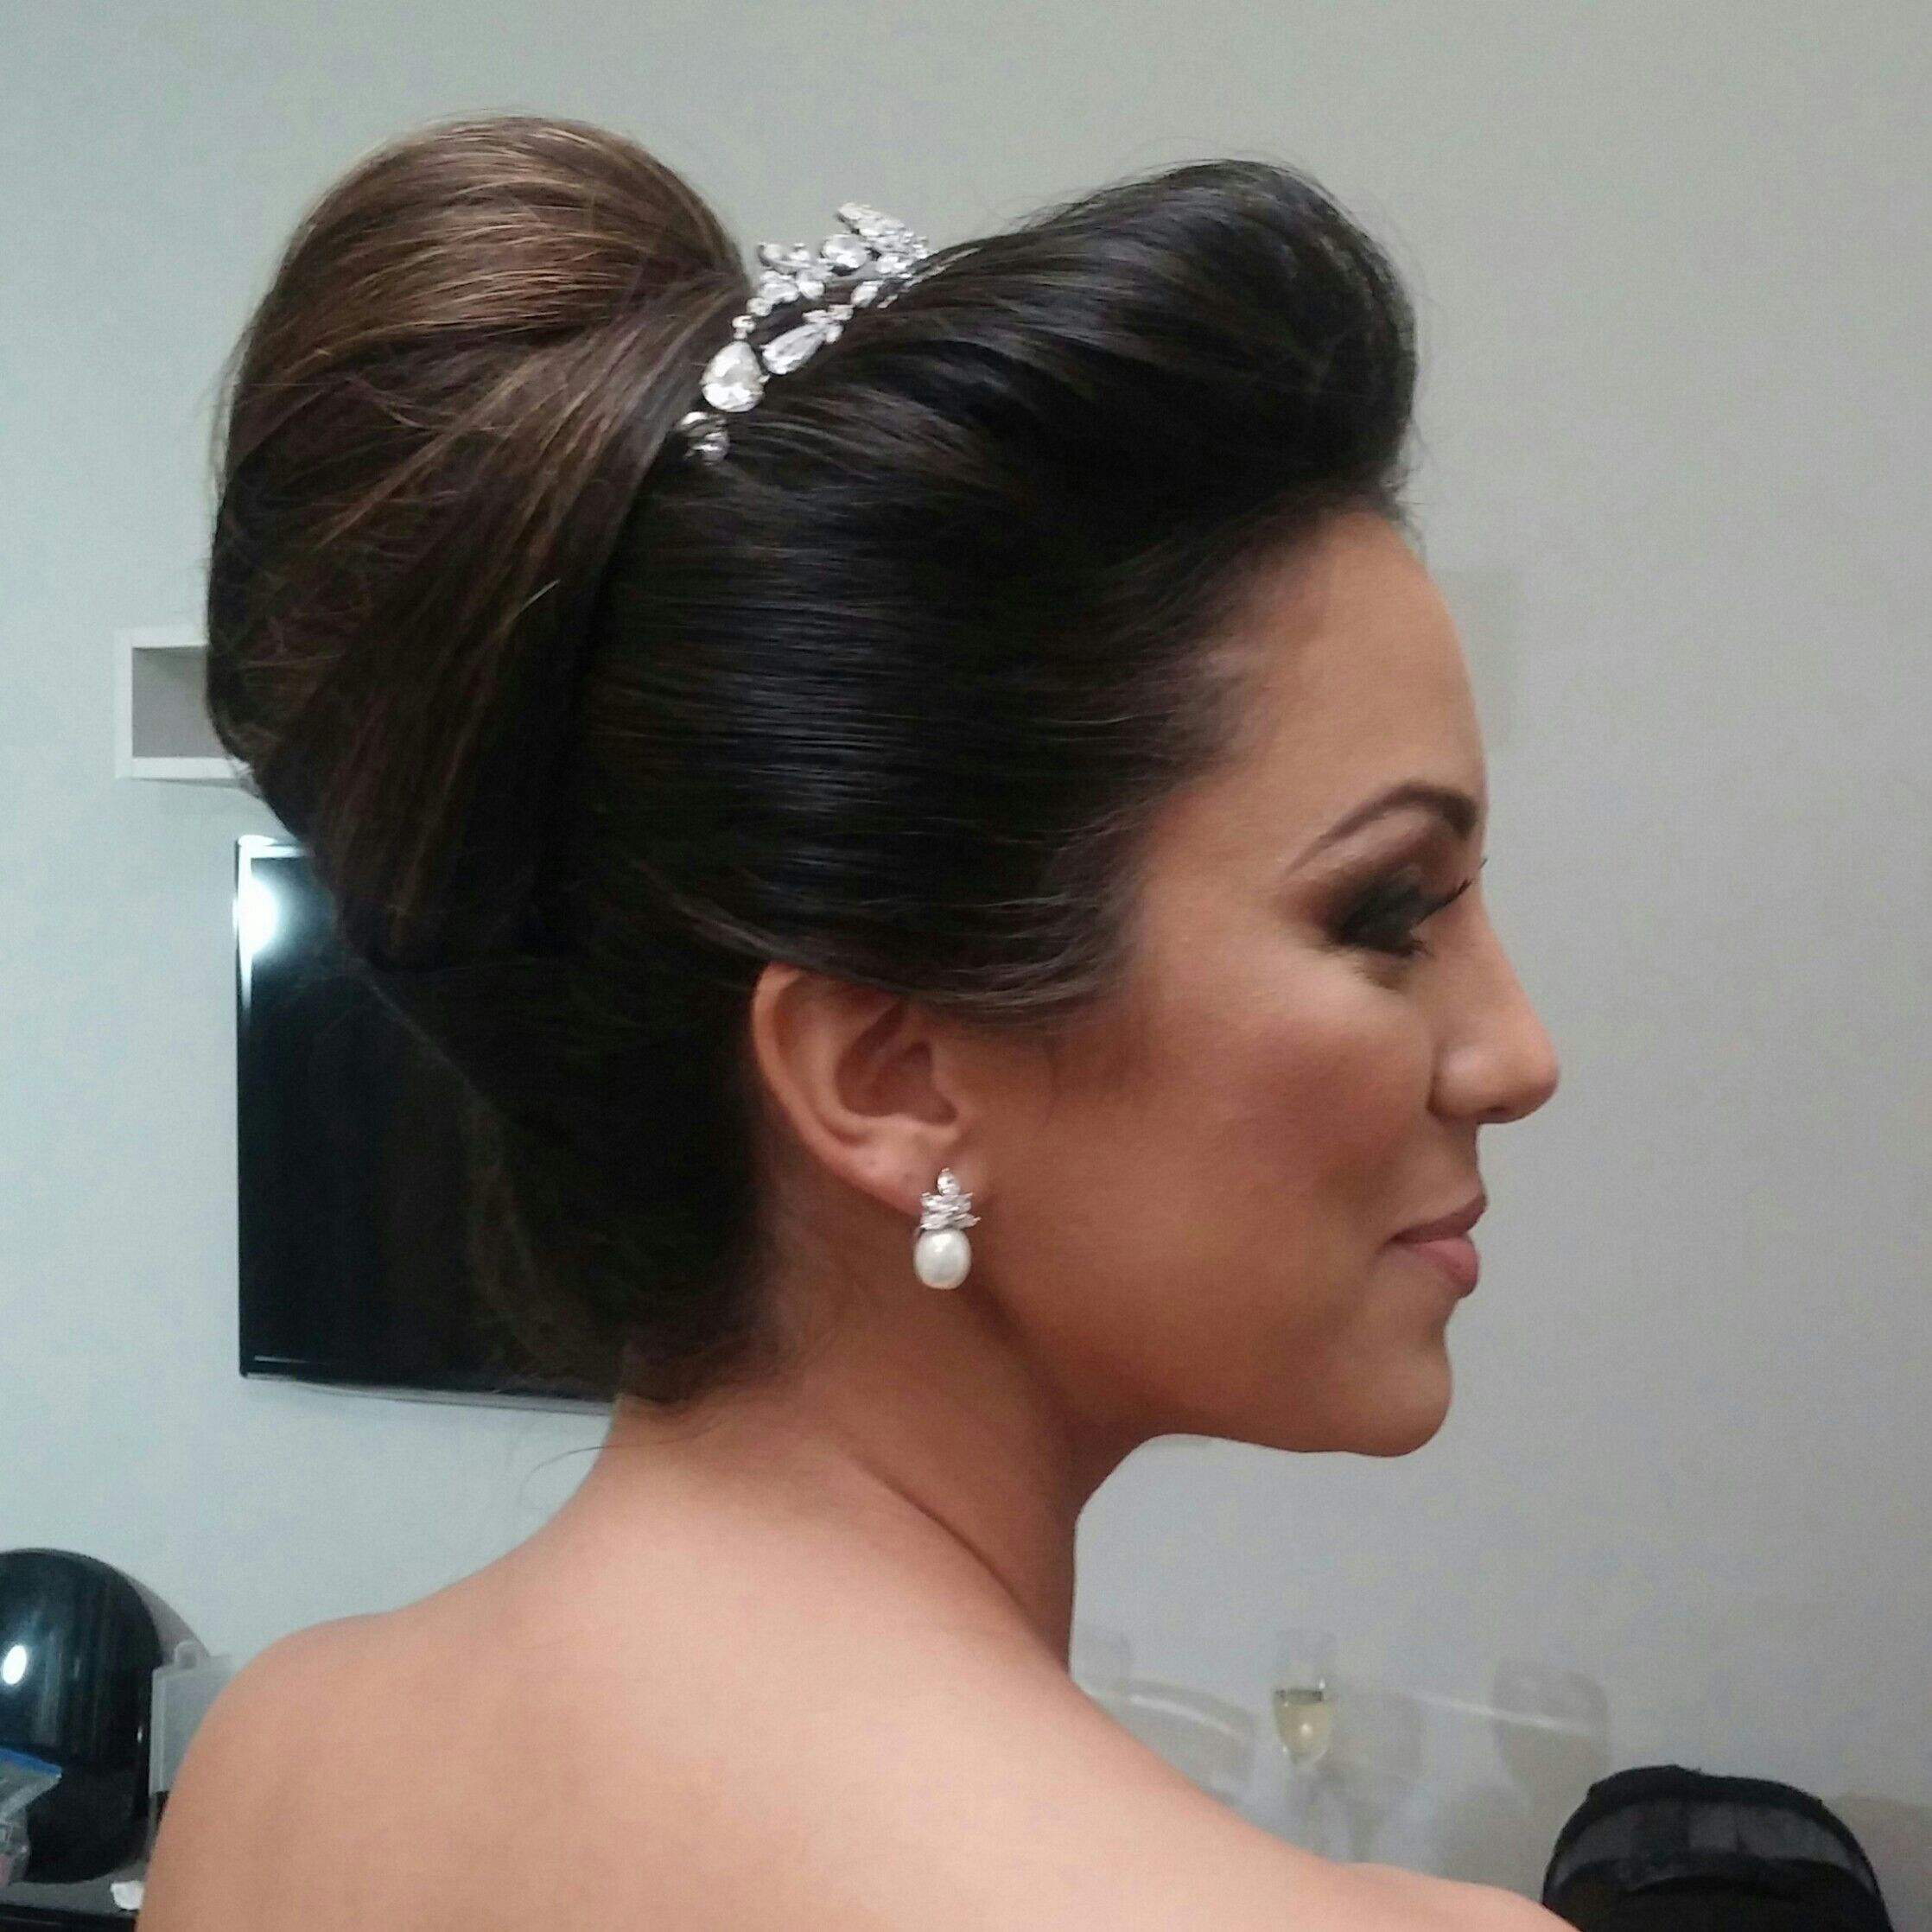 Penteado clássico para noivas glamurosas! cabelo cabeleireiro(a) cabeleireiro(a) cabeleireiro(a) cabeleireiro(a)